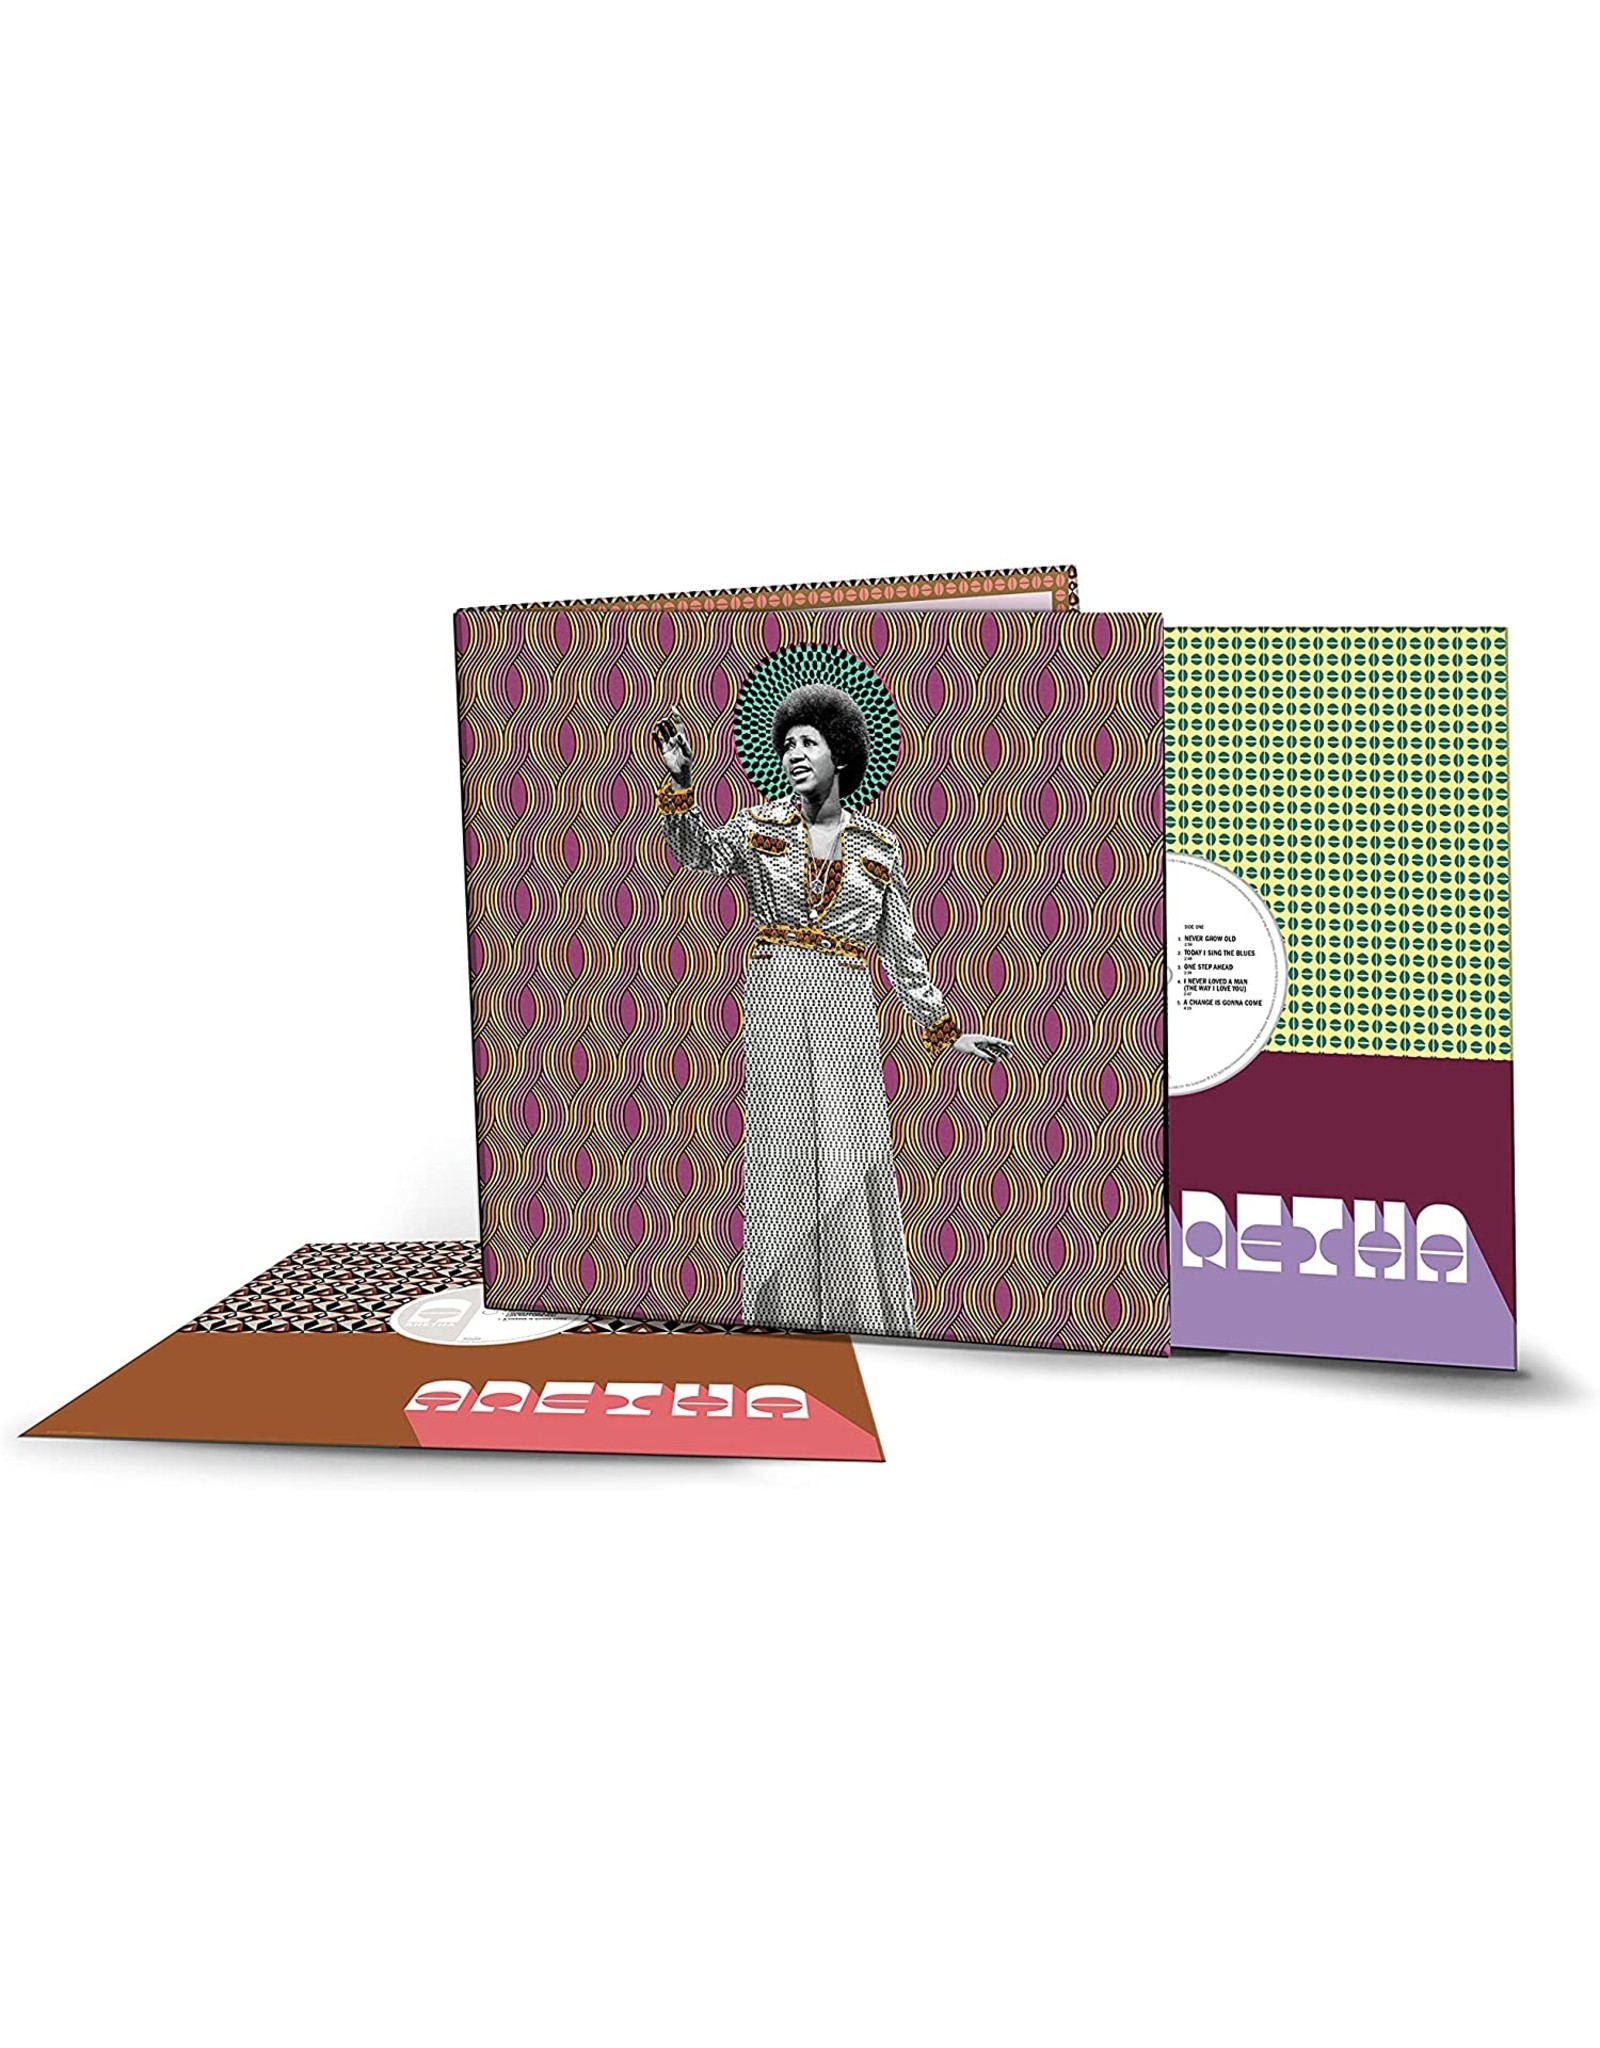 Aretha Franklin - Aretha